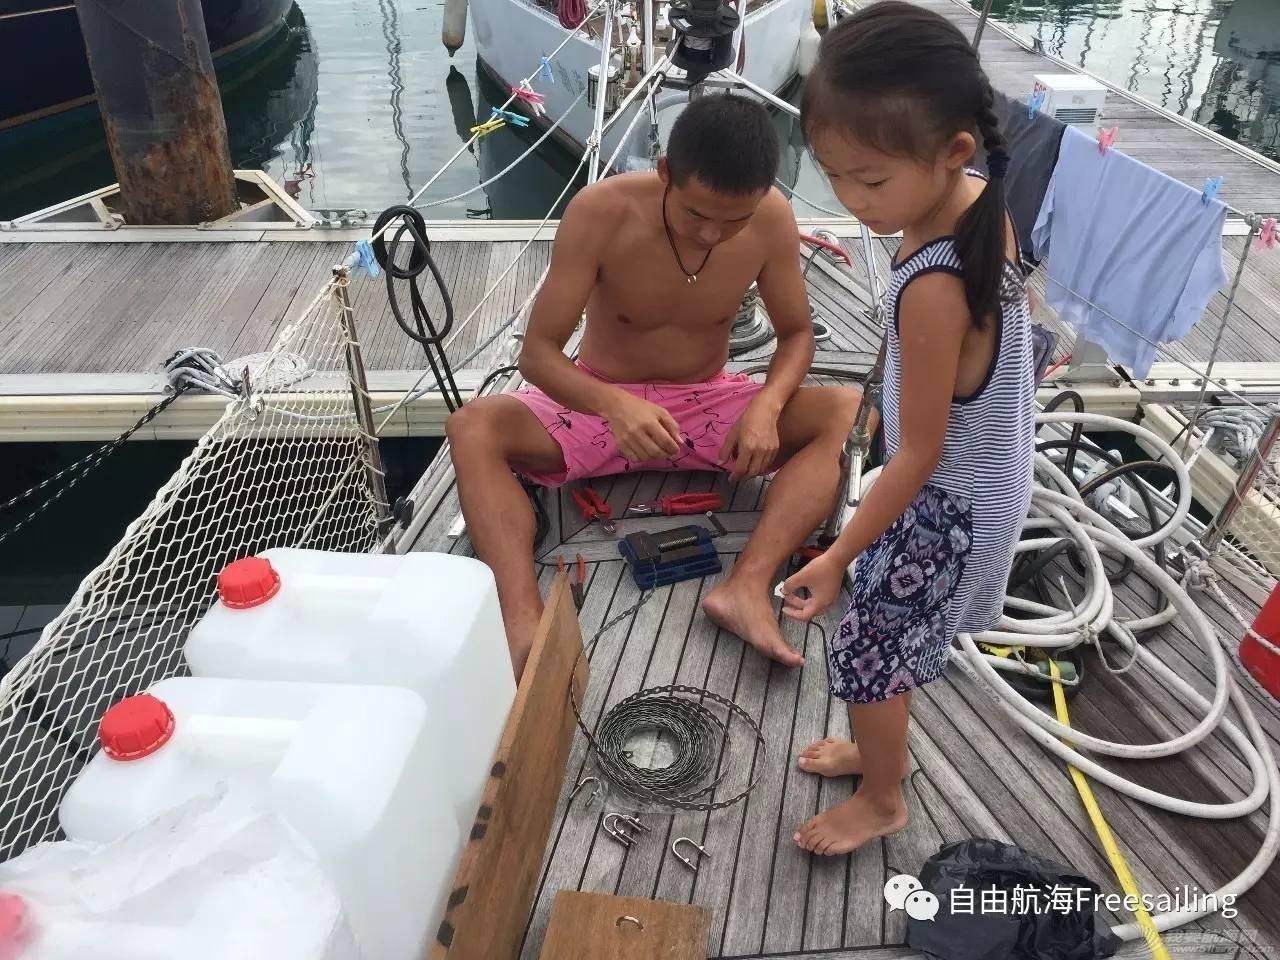 海上生活初体验——帆船环球周记六 a56bf32c6546f5c6a07ec91ab22da0ca.jpg